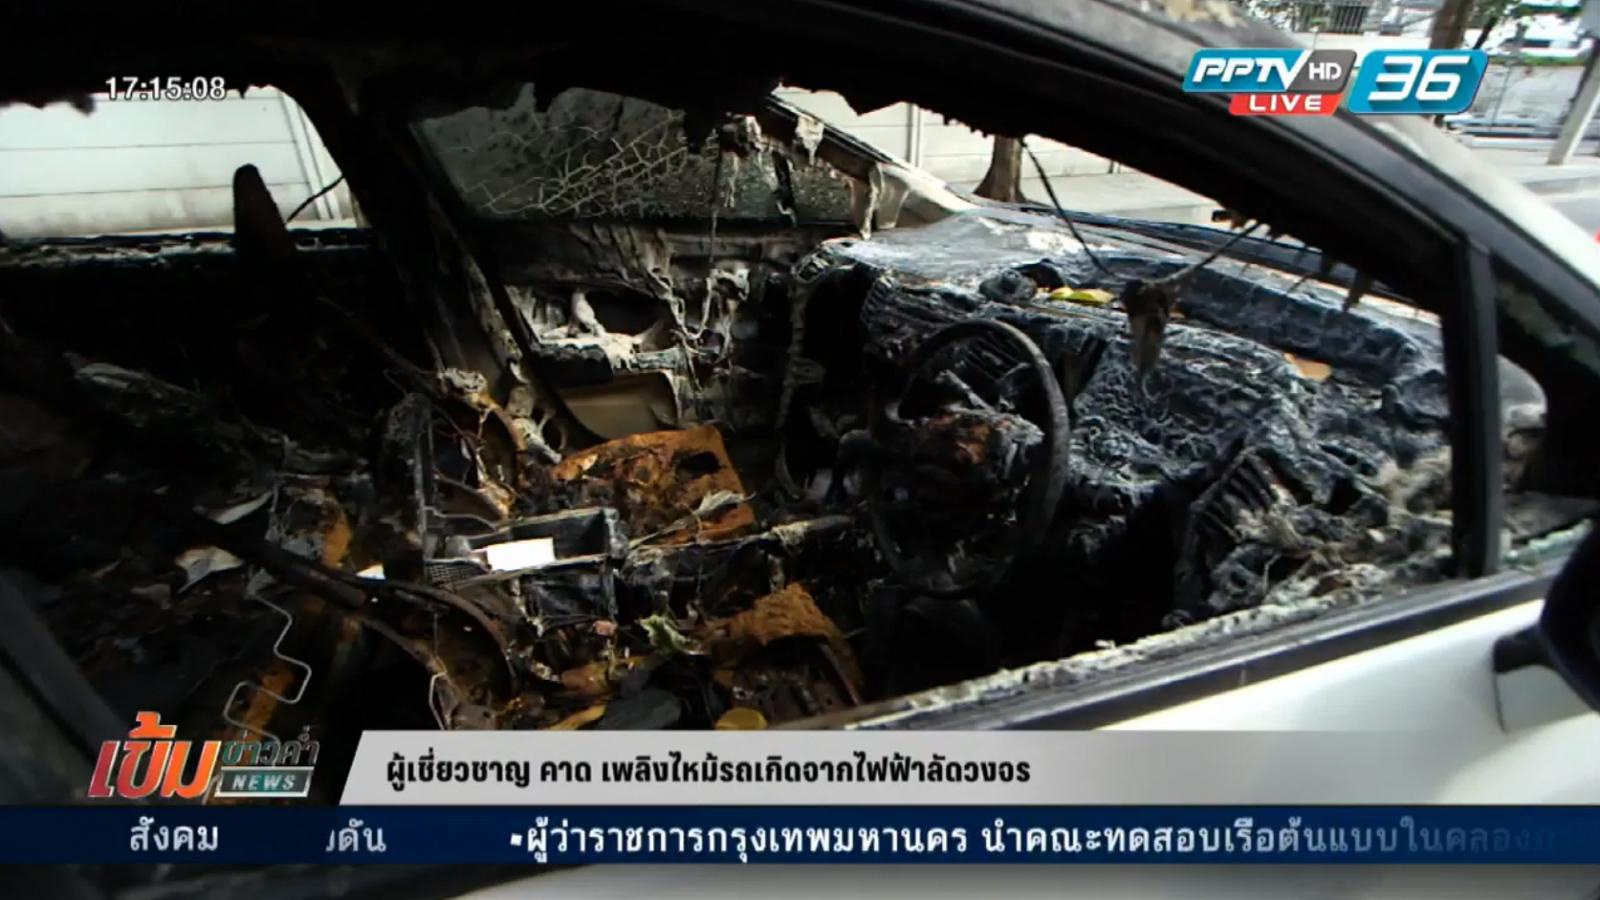 คาดเพลิงไหม้รถเกิดจากไฟฟ้าลัดวงจร